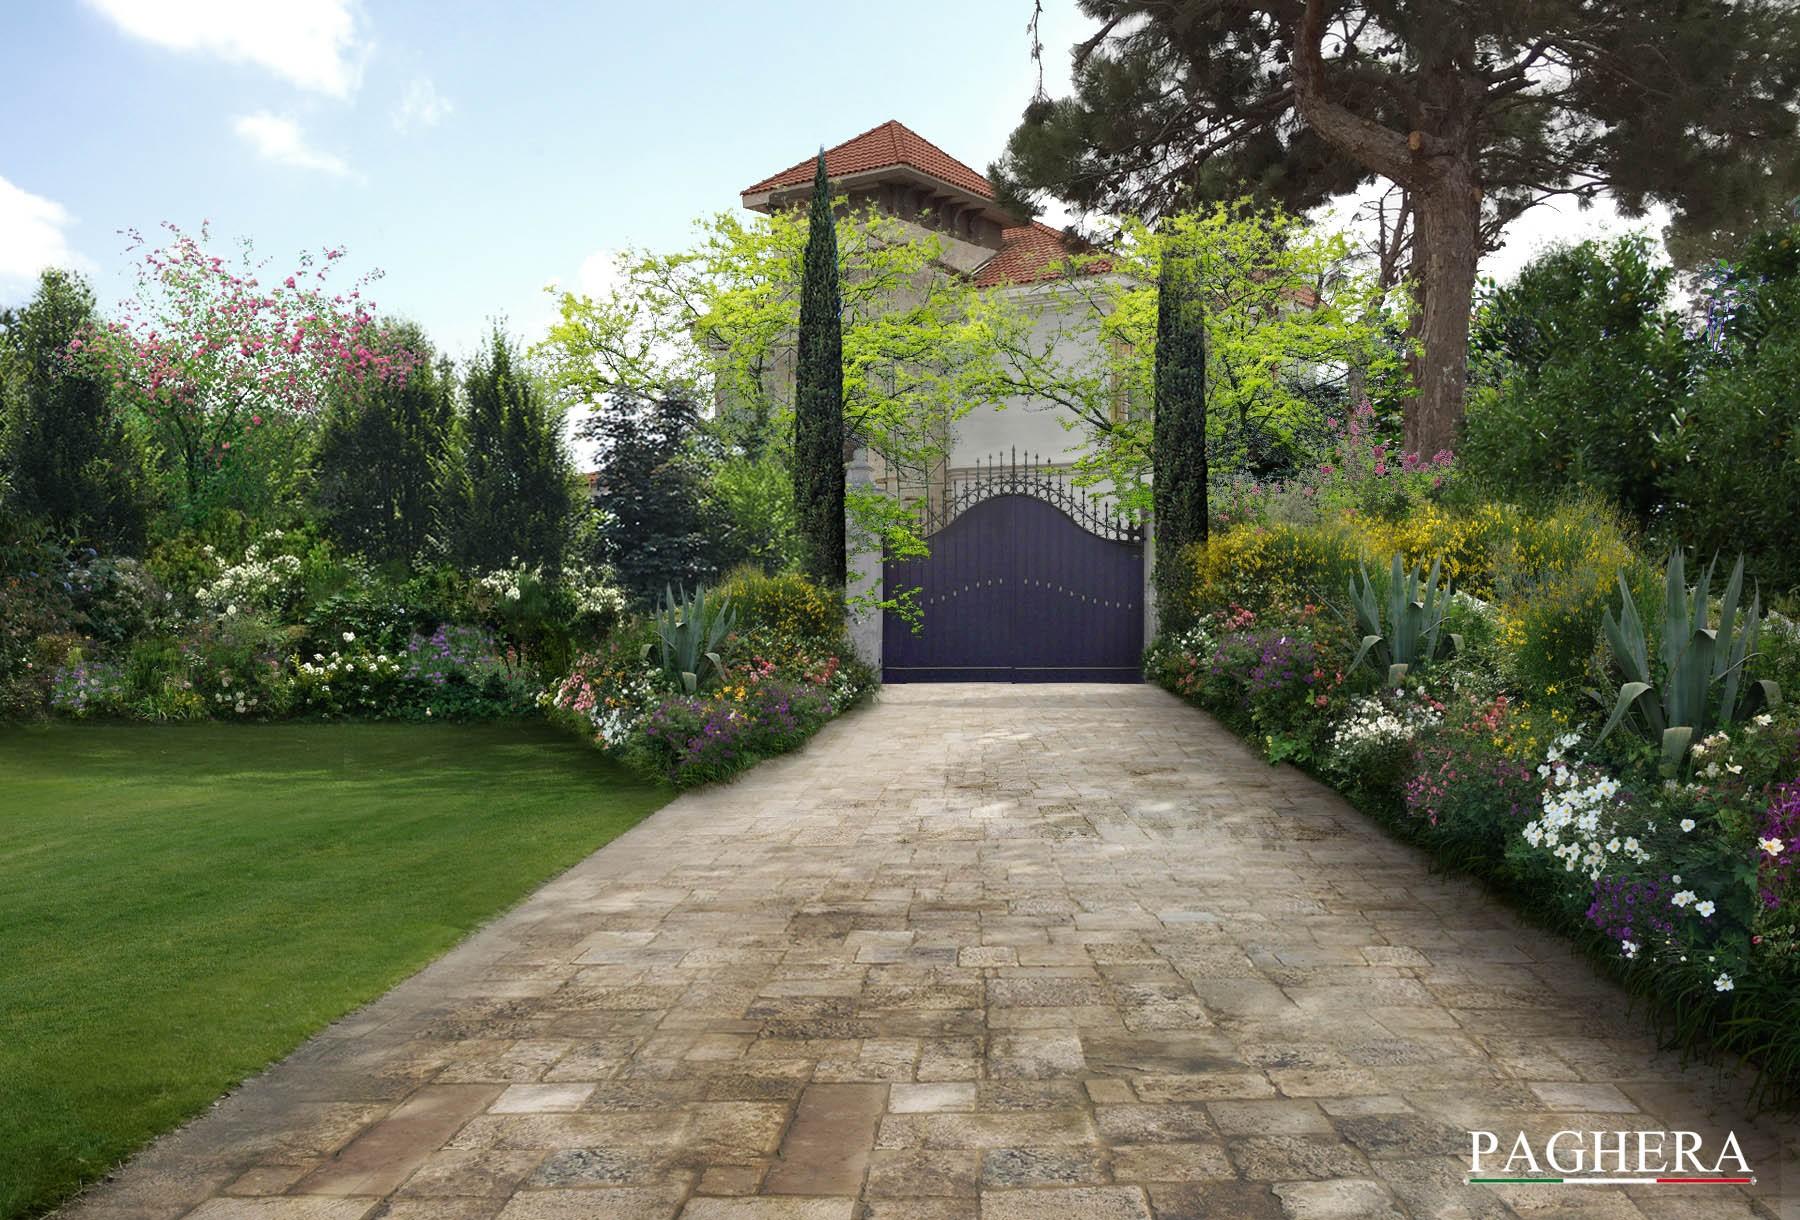 Progettazione del giardino per villa classica paghera for Progettazione giardini siena